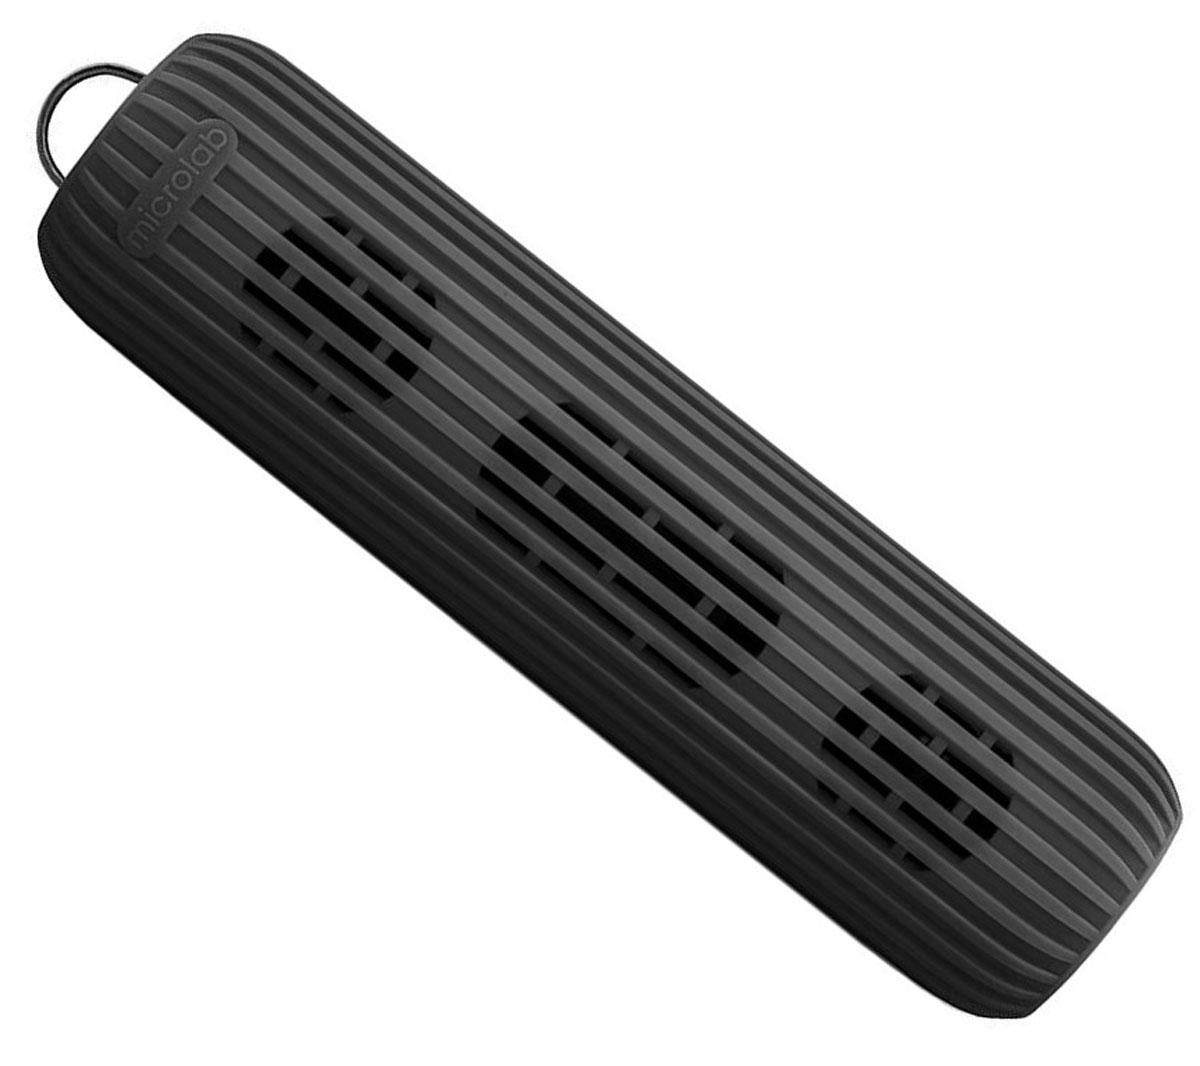 Microlab D21, Black портативная акустическая система80527Акустическая система необычной формы и дизайна ориентирована на людей, ведущих активный образ жизни. D21способна стать прекрасным спутником как на небольшом пикнике на природе, так и в долгом походе. Благодарясиликоновому покрытию корпуса, сателлит прощает слушателю небольшие ударные воздействия, а такжепрекрасно переносит как росу, так и небольшой дождик, что наряду с пылью, может стать фатальным для другихпортативных акустических систем.Небольшие размеры обеспечивают портативность системы, она не занимает много места и поместится в любомрюкзаке или сумке, а идущий в комплекте шнурок способен закрепить сателлит в походном варианте, позволяяизбежать потери колонки.В Bluetooth-режиме при входящем звонке на телефон, можно ответить на звонок через сателлит. Благодарявстроенному в колонку микрофону, телефон искать не обязательно.Колонка способна воспроизводить музыку без источника звука. Чтобы послушать музыку, вам не обязательноразряжать собственный телефон, достаточно вставить Micro SD-card в колонку и наслаждаться любимымимелодиями.Многообразие цветов. Microlab D21 представлена в 5 цветах, можно выбрать ту расцветку, которая подходитименно вам.Литиевая батарея: 3,7 В; 1200 мАч